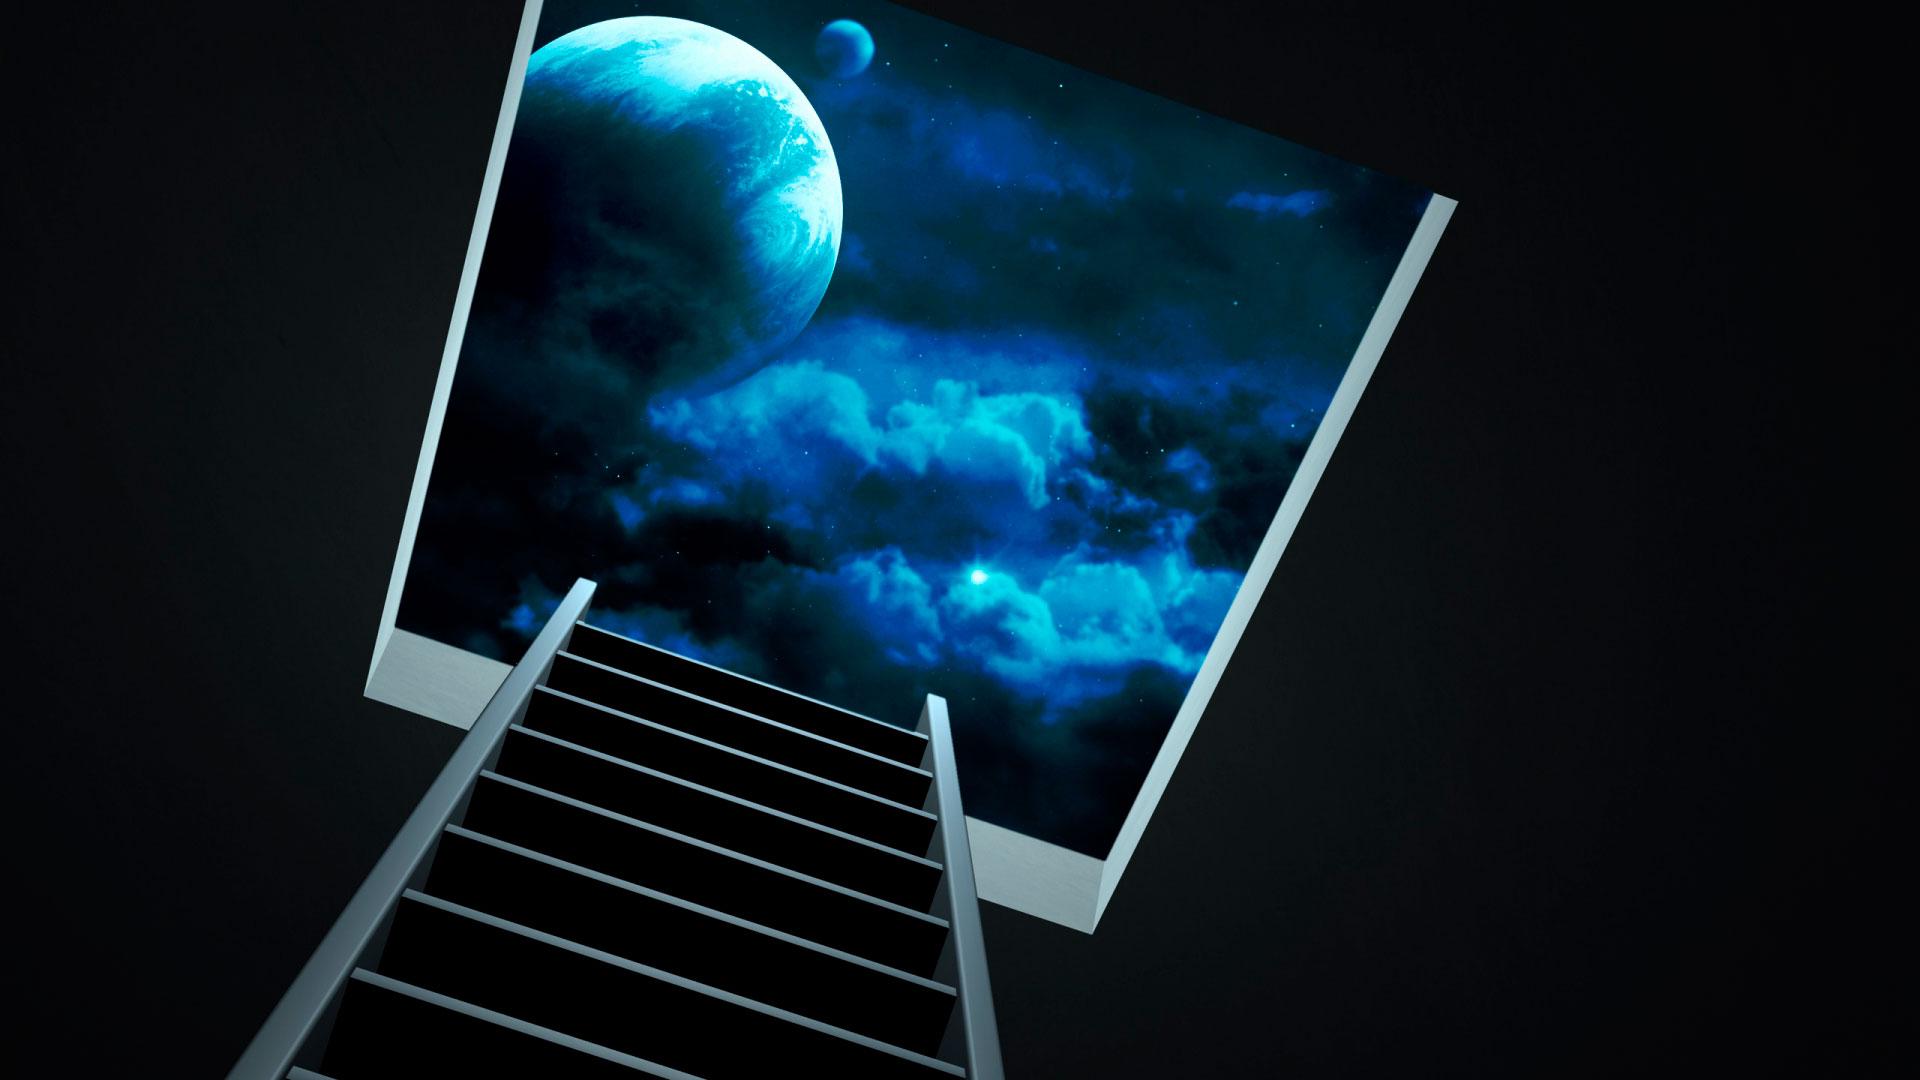 Обои ночное небо для рабочего стола